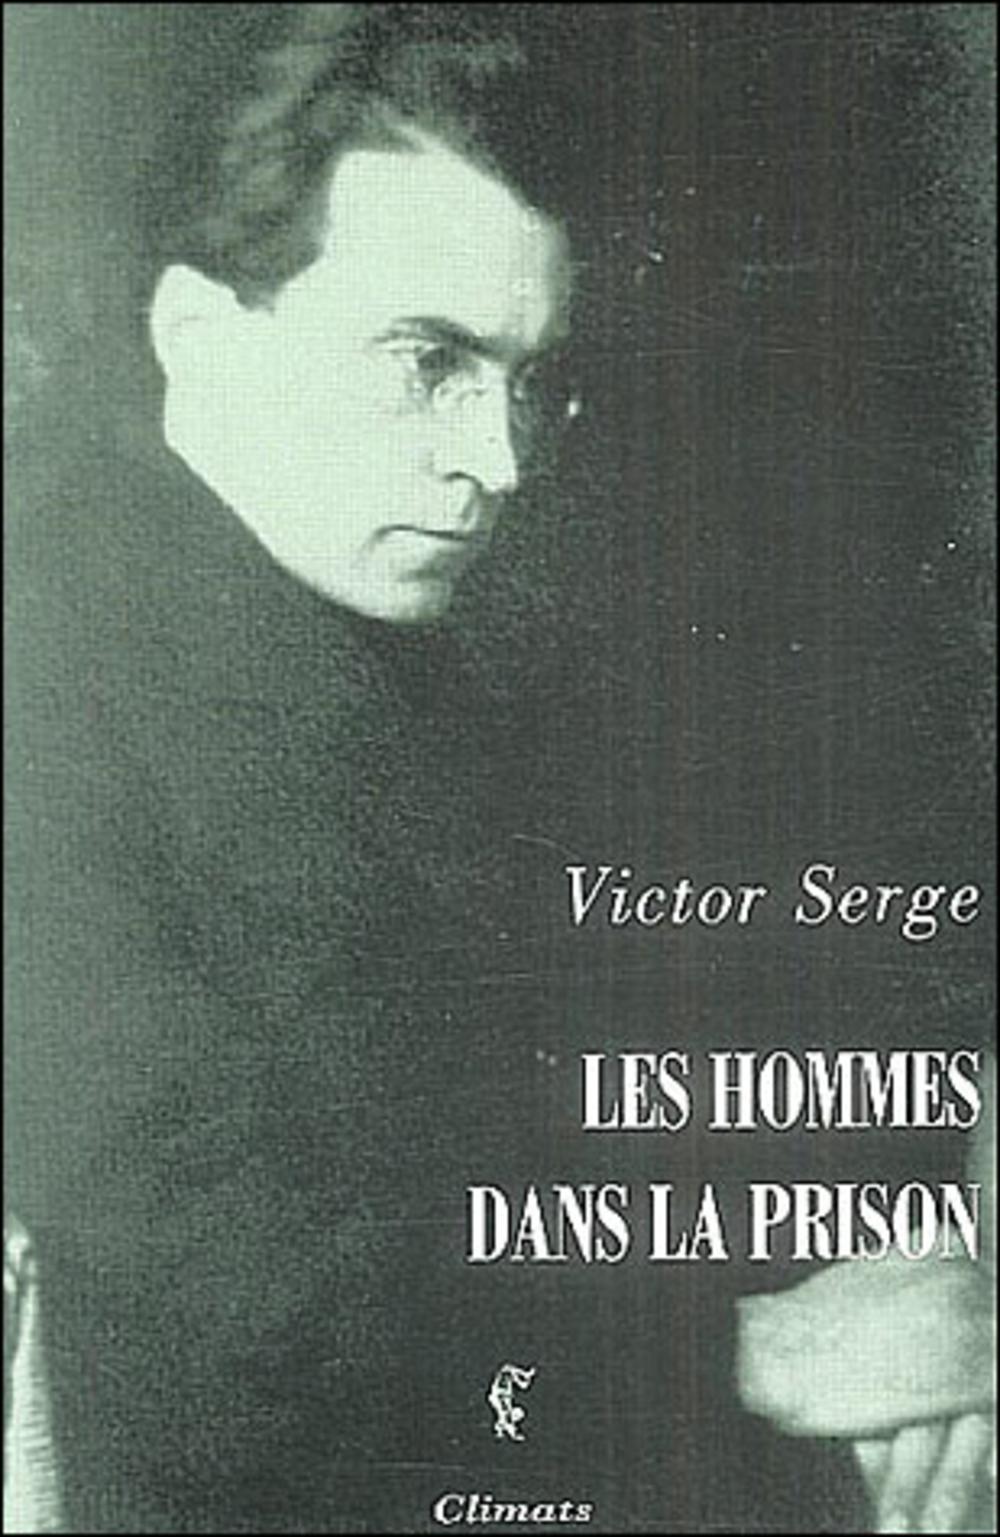 """Résultat de recherche d'images pour """"victor serge Les Hommes dans la prison"""""""